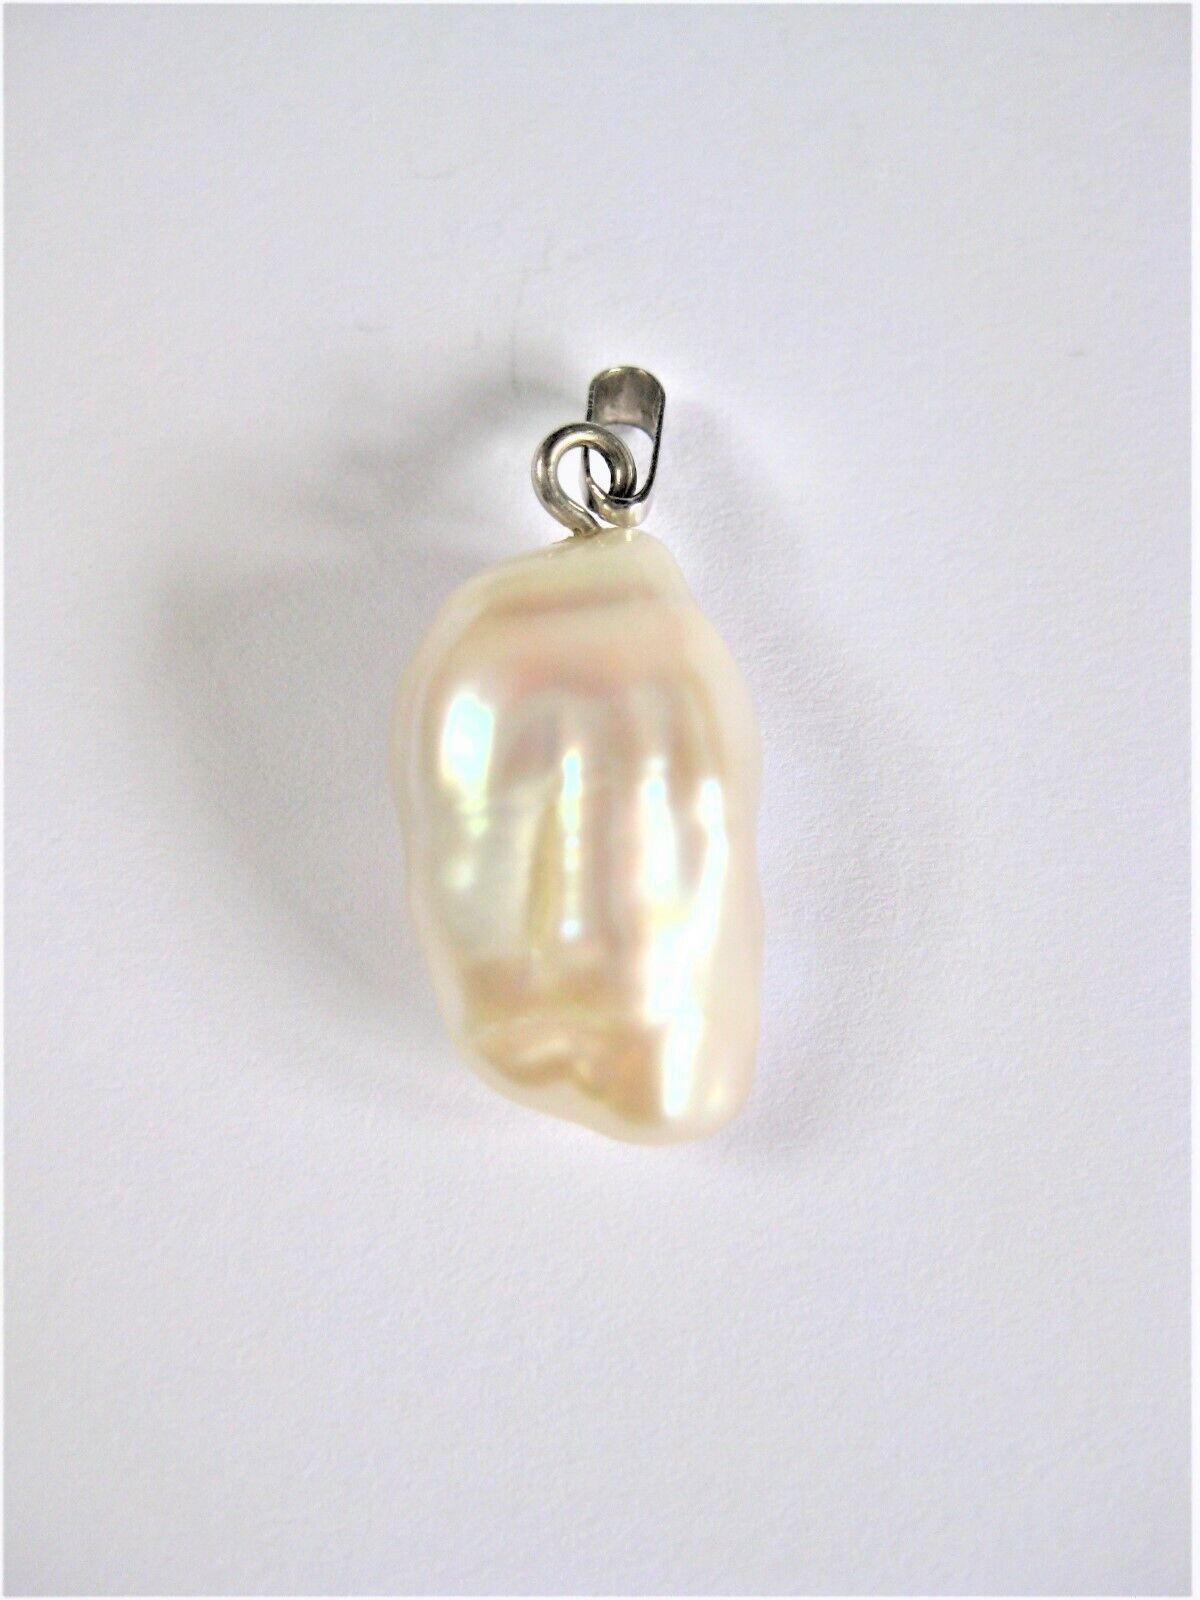 Anhänger whitegold 585 mit Perle, 2,48 g